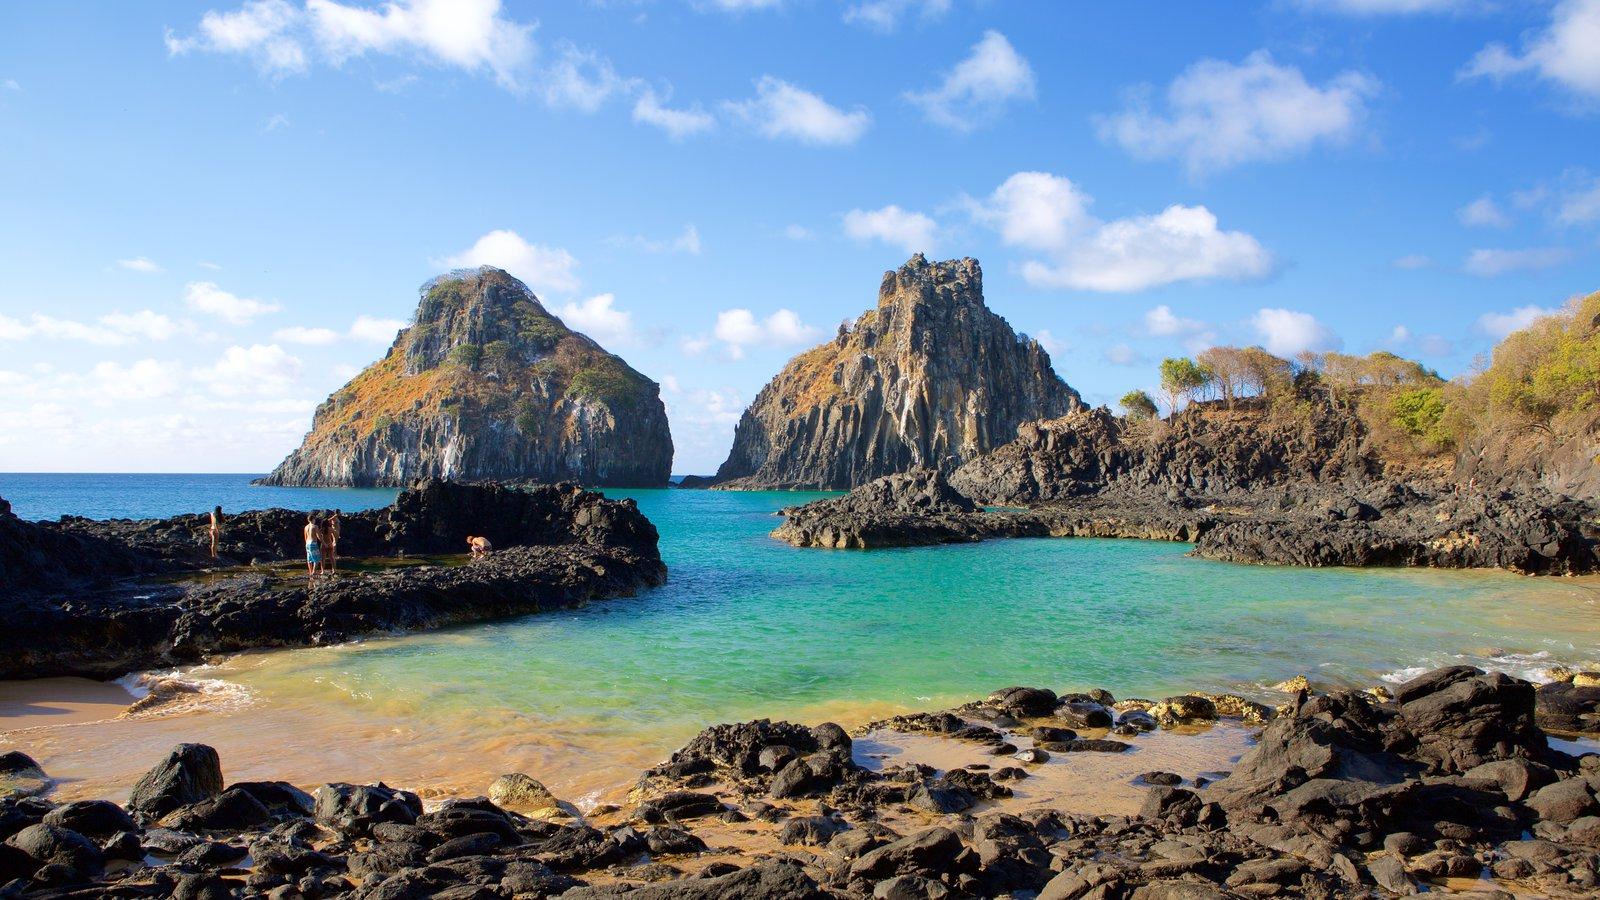 Baía dos Porcos que inclui litoral acidentado, paisagens da ilha e paisagens litorâneas